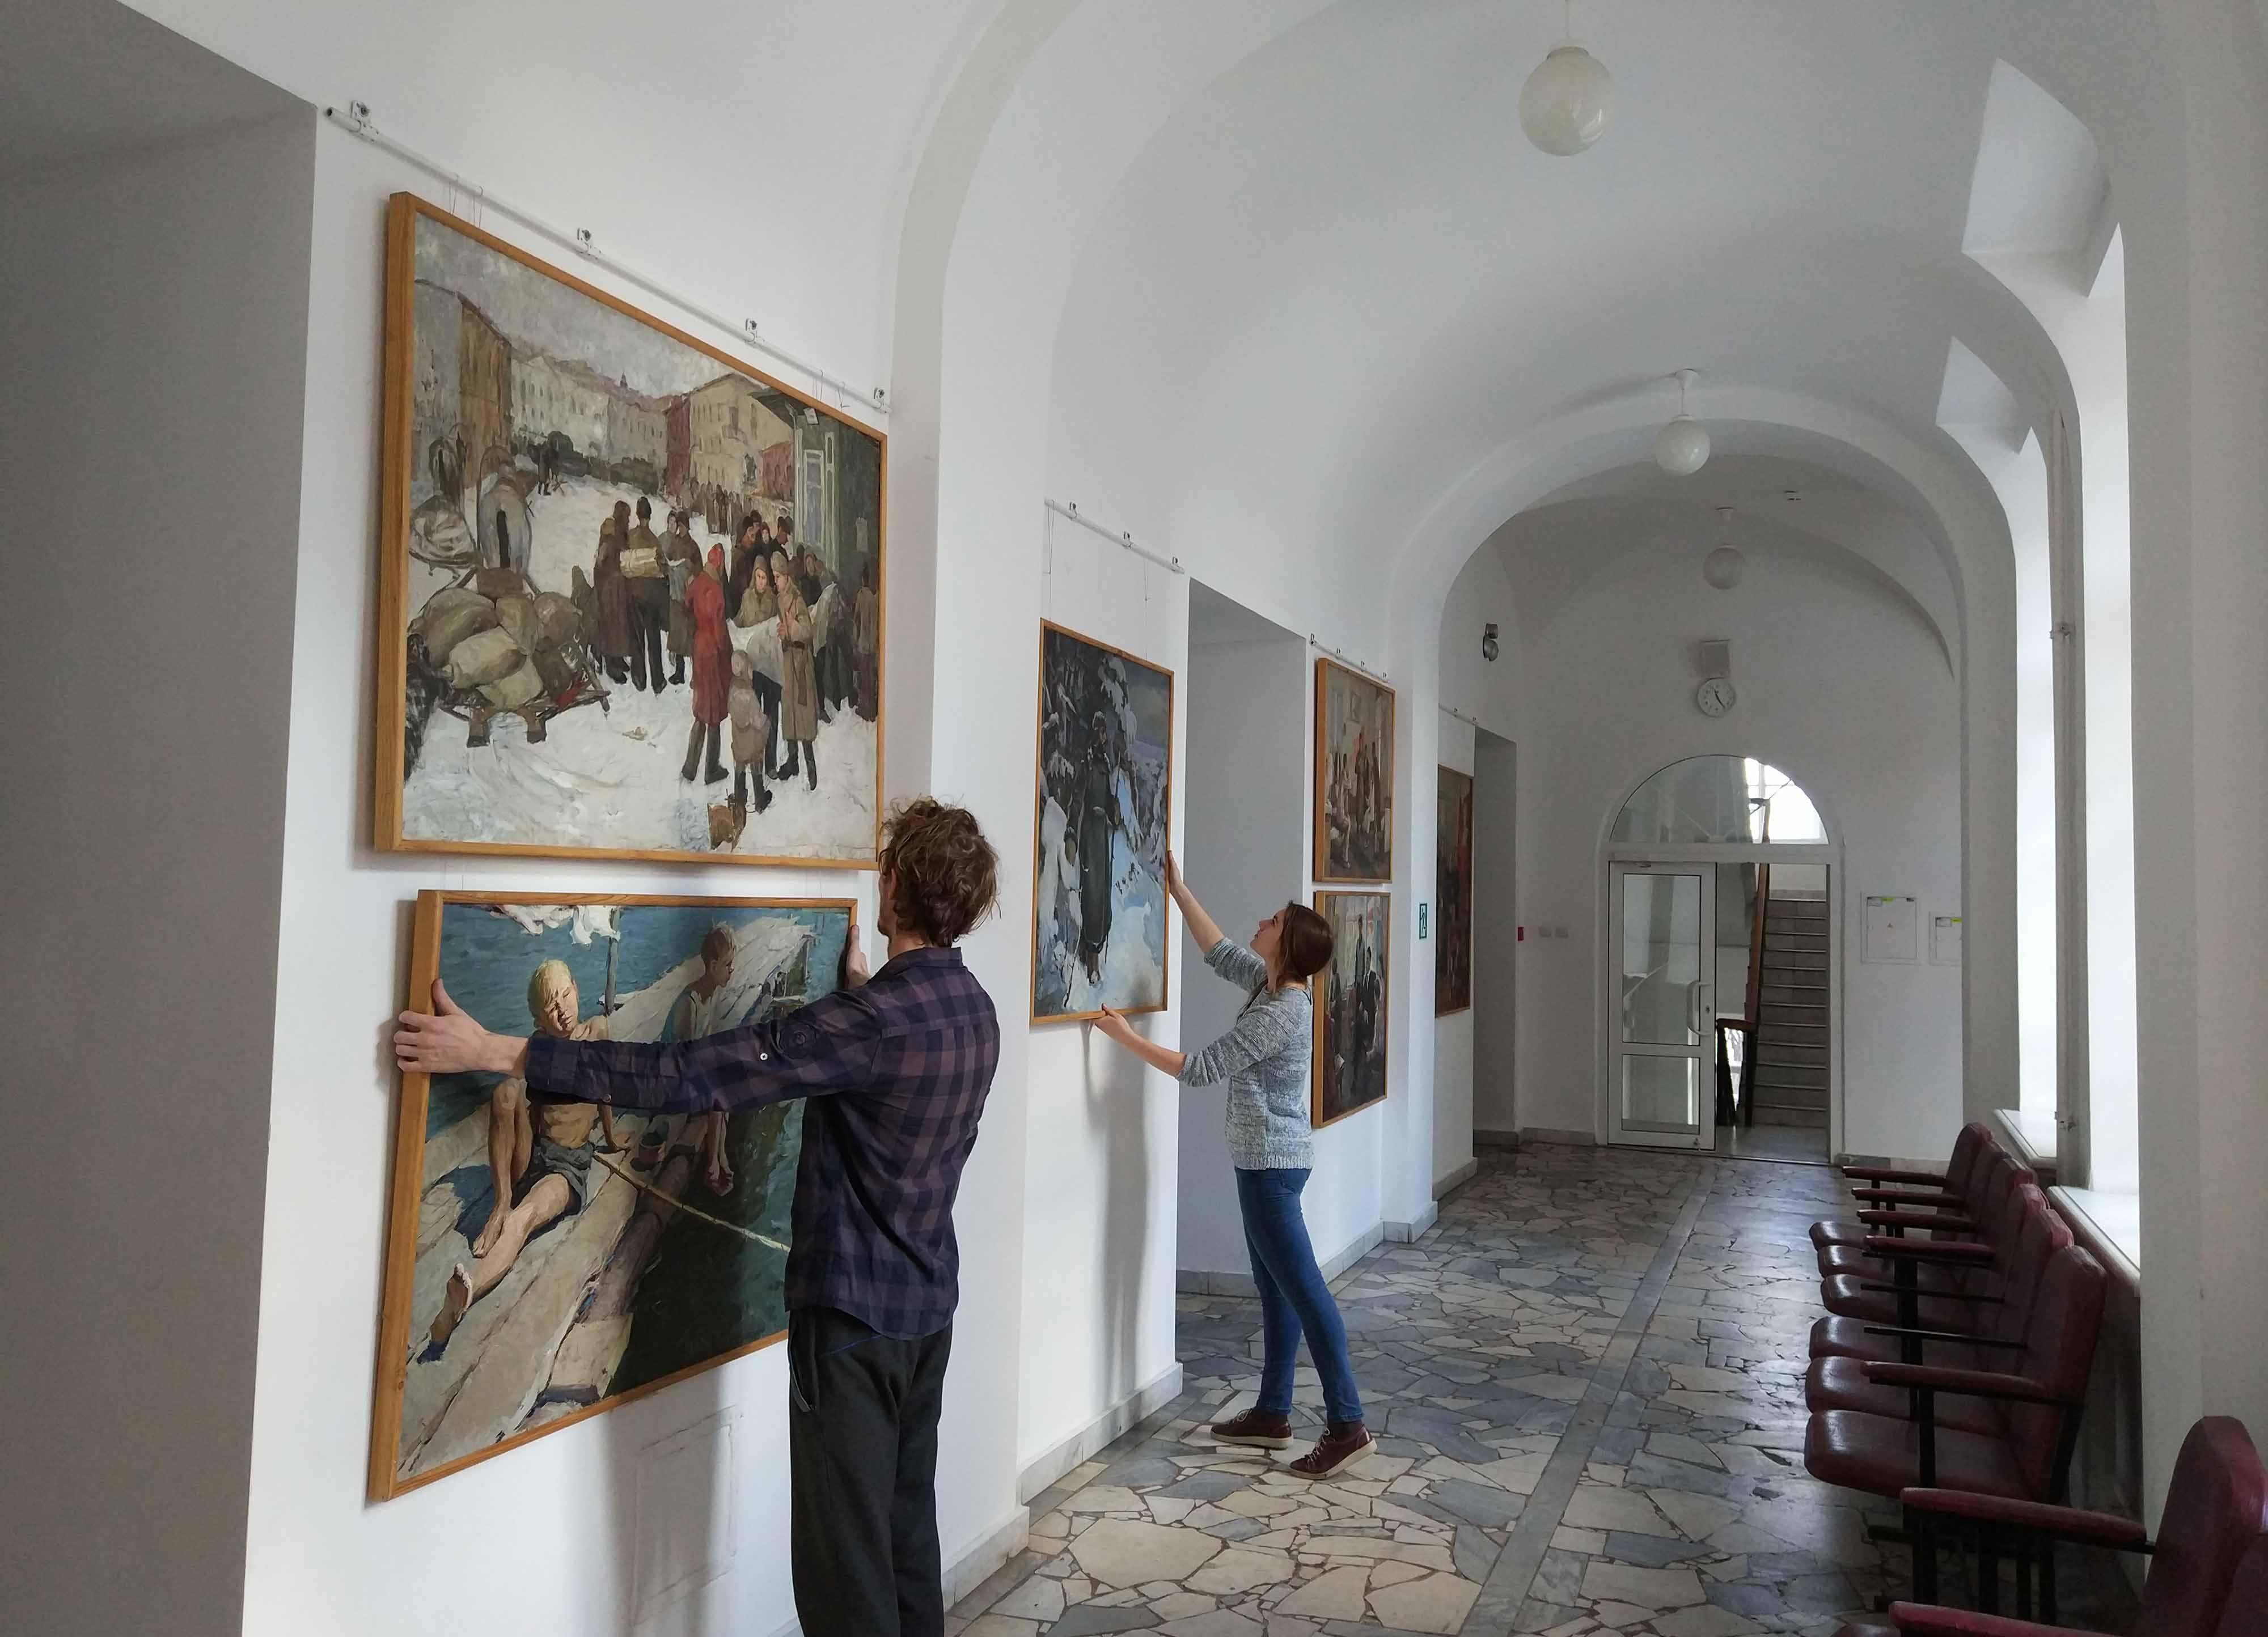 Пензенское художественное училище им К А Савицкого В экспозиции будут представлены дипломные работы с 1936 по 2017 гг Работа А Макарова датируемая 1936 годом является одной из старейших хранящихся в